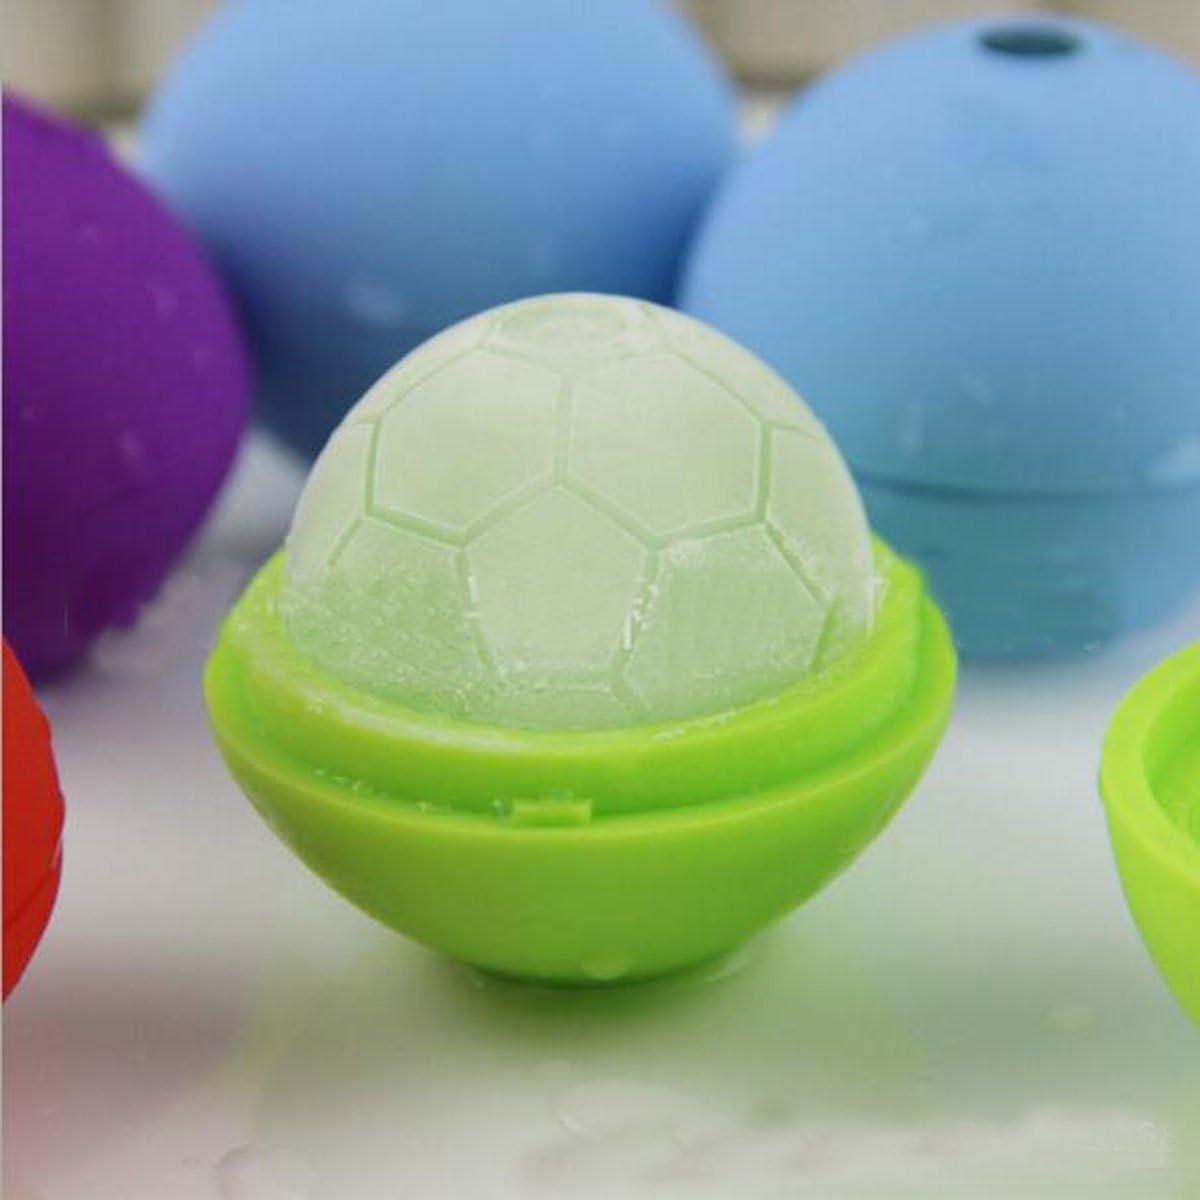 Compra fendii silicona molde de hielo balón de fútbol/bola de ...